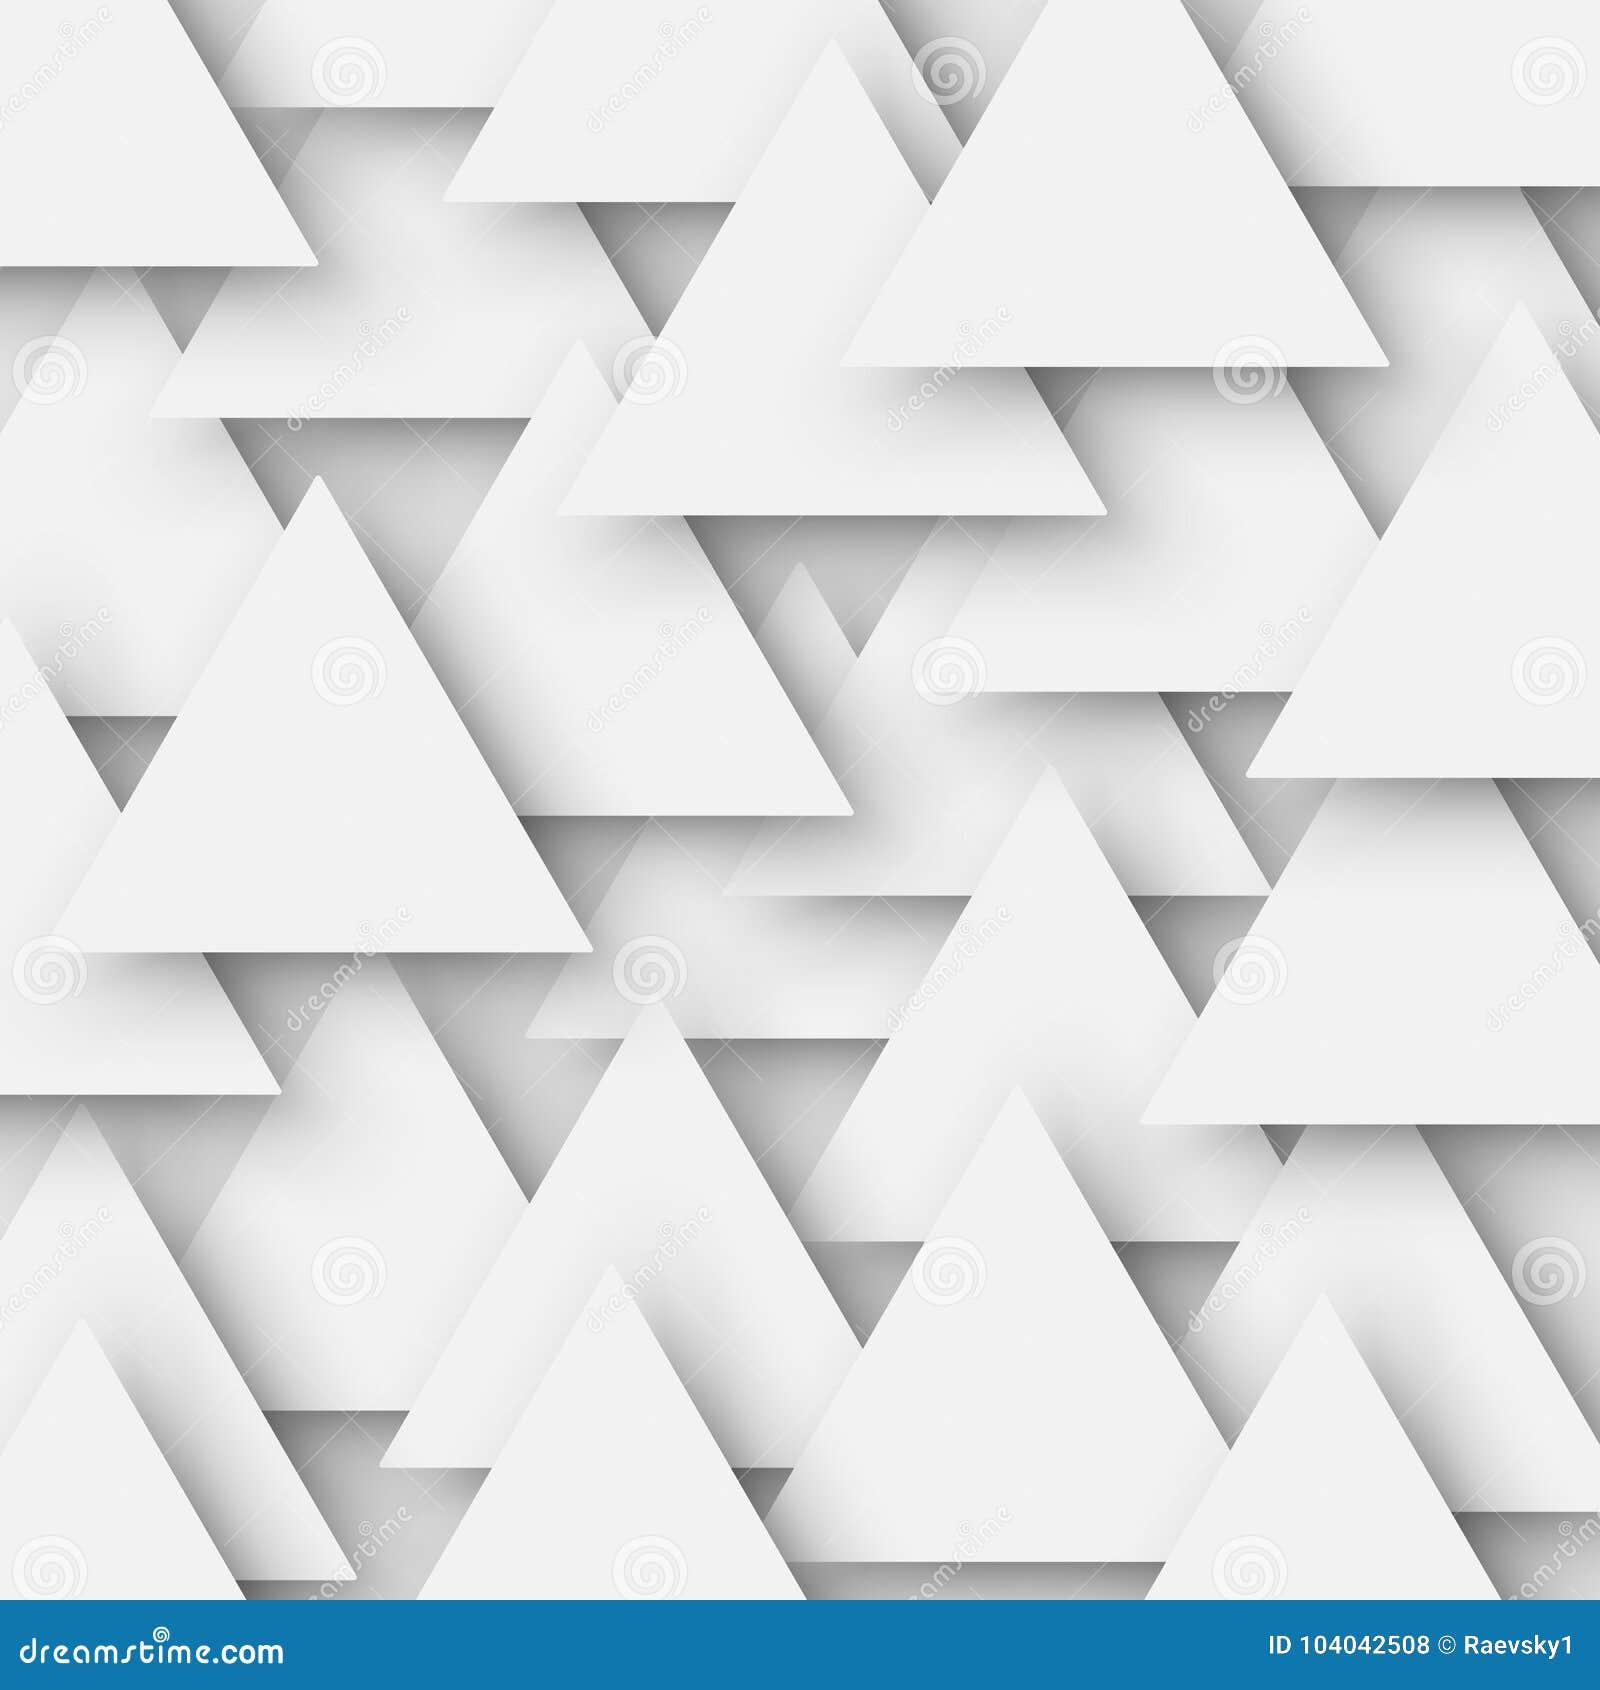 Η γκρίζα χρωματισμένη αφηρημένη polygonal γεωμετρική σύσταση, τρισδιάστατο υπόβαθρο τριγώνων Τριγωνικό υπόβαθρο μωσαϊκών για τον